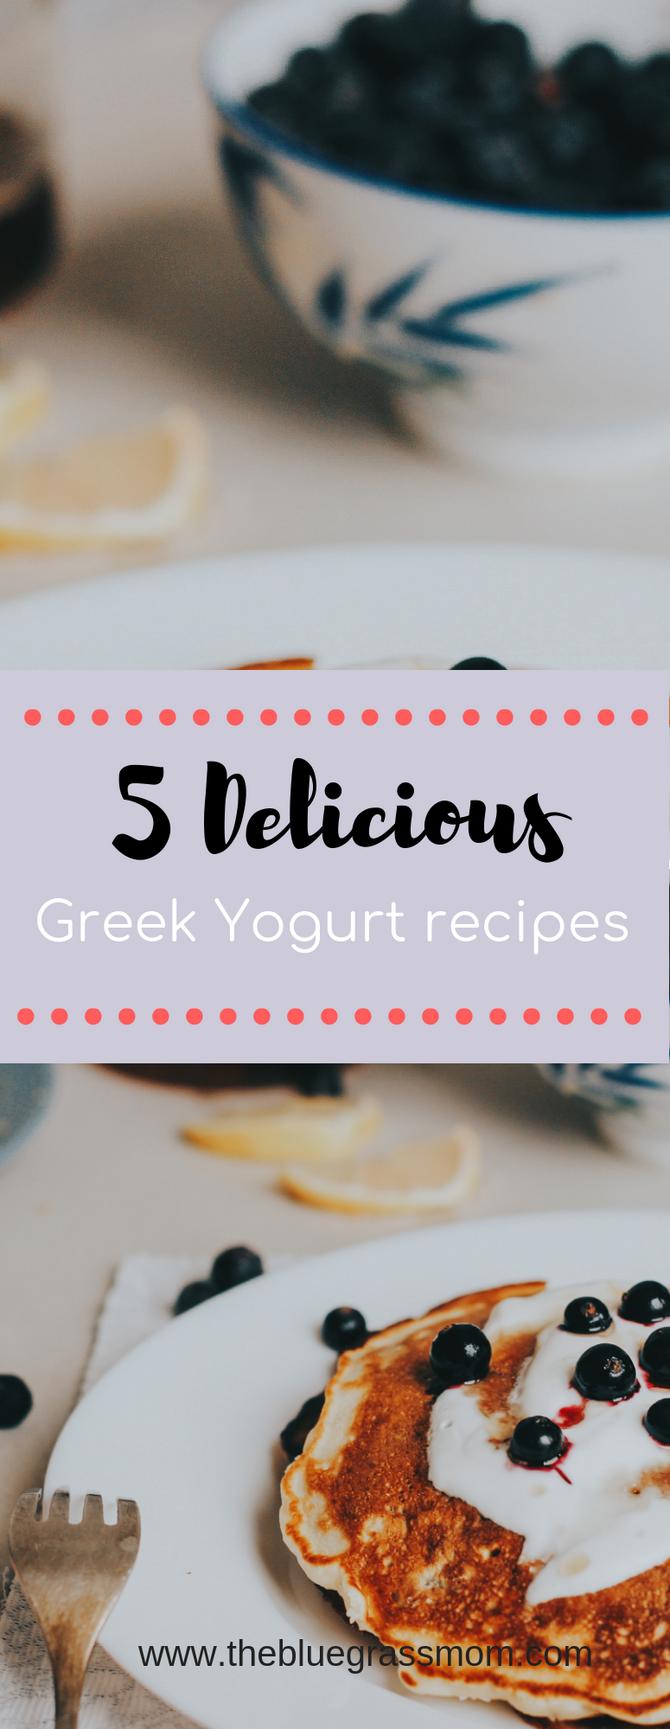 5 Healthy Recipes with Greek Yogurt.